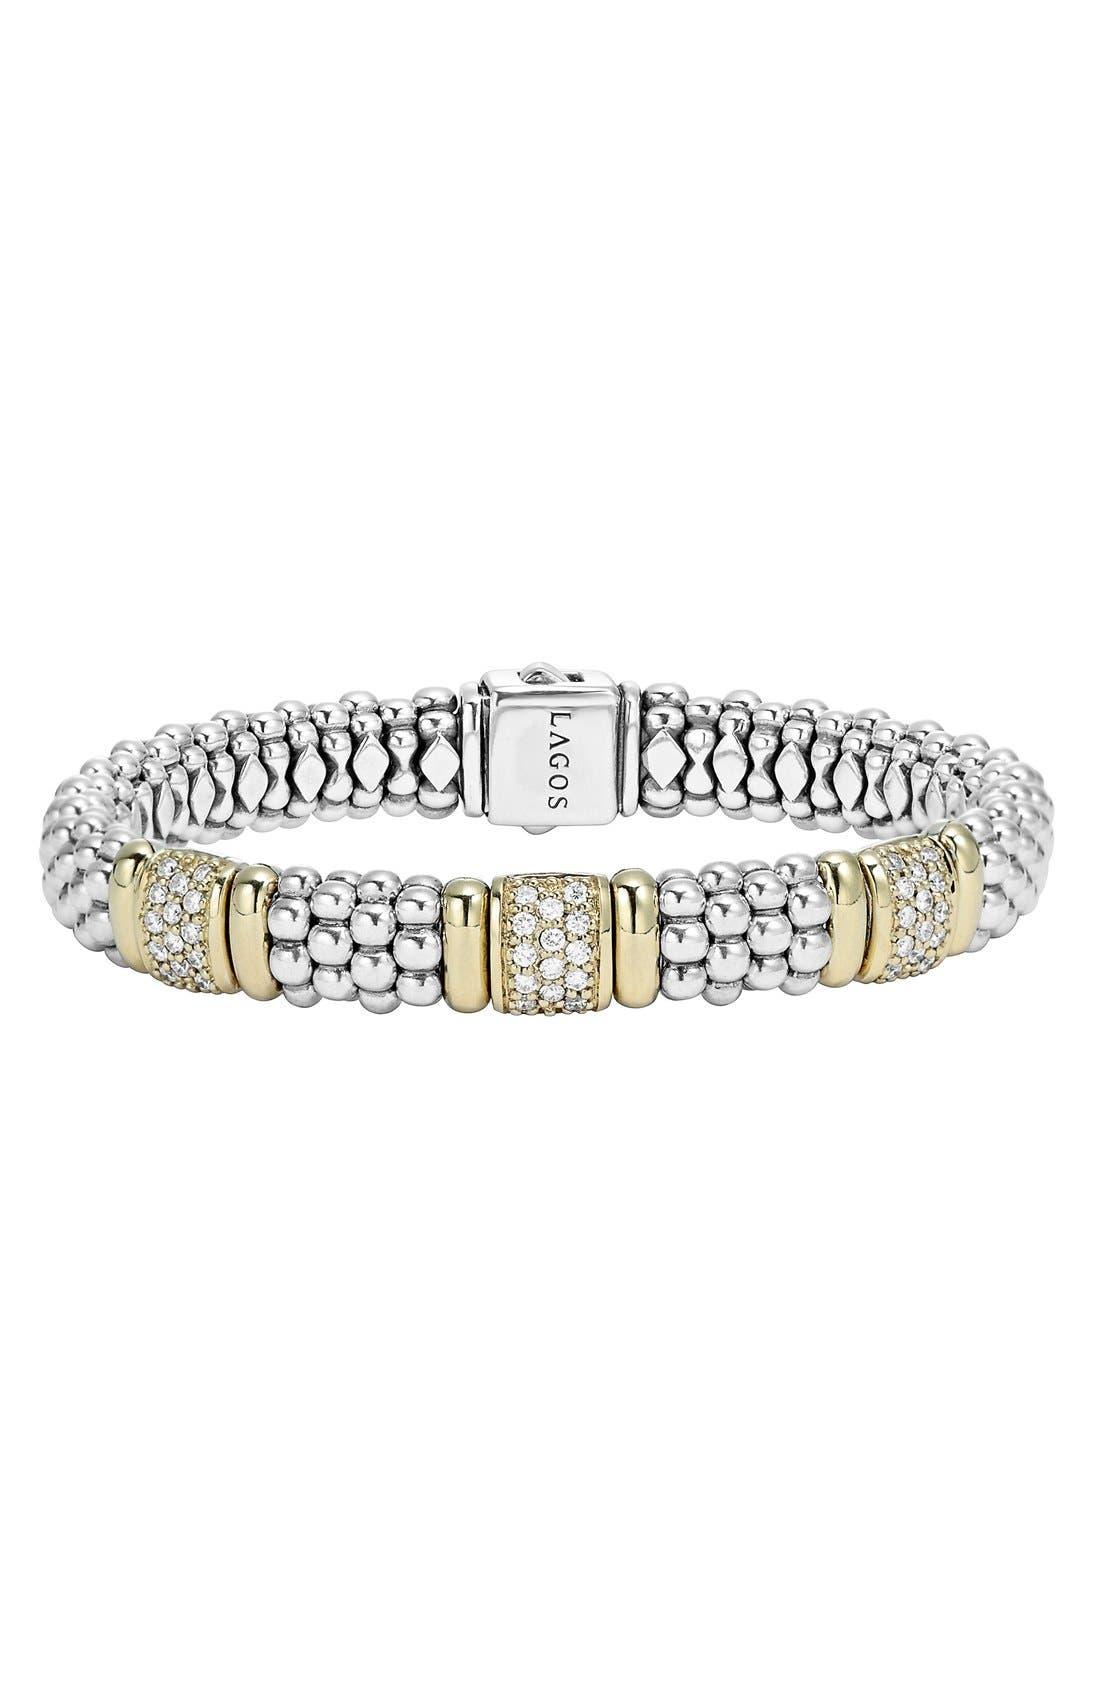 Main Image - LAGOS 'Caviar' Diamond Station Bracelet